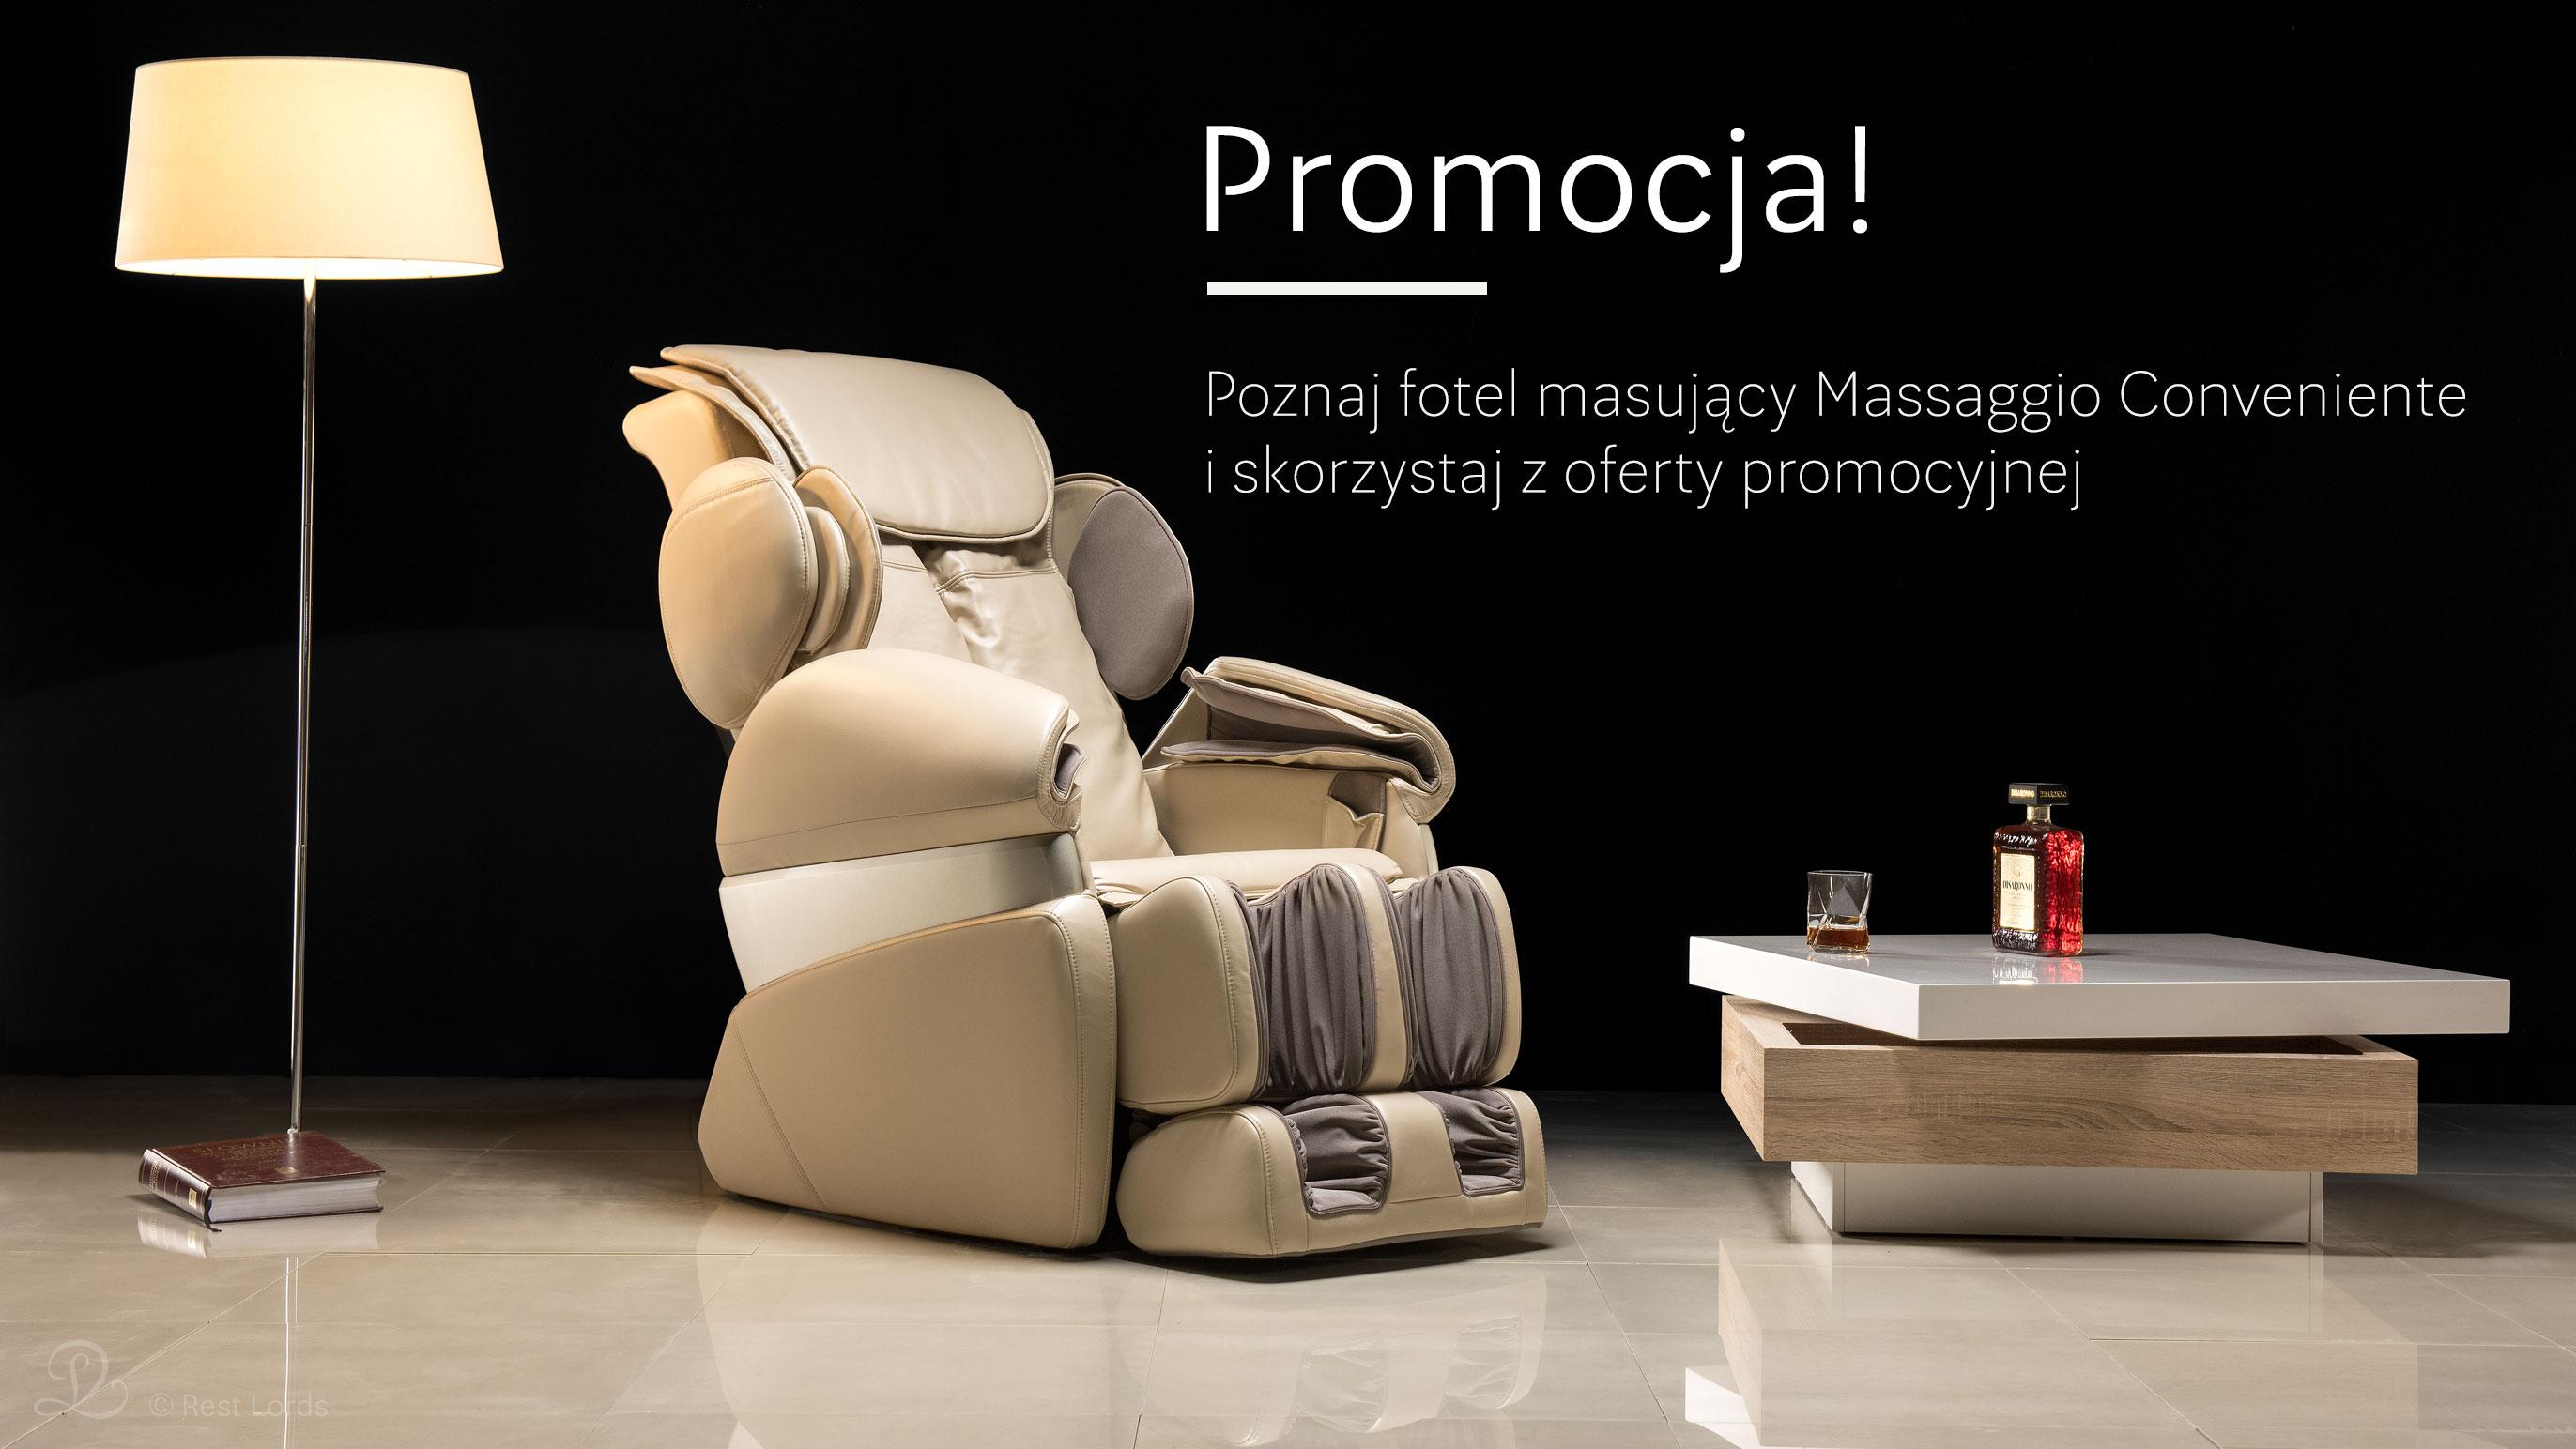 Fotel masujący Massaggio Conveniente promocja wyprzedaż